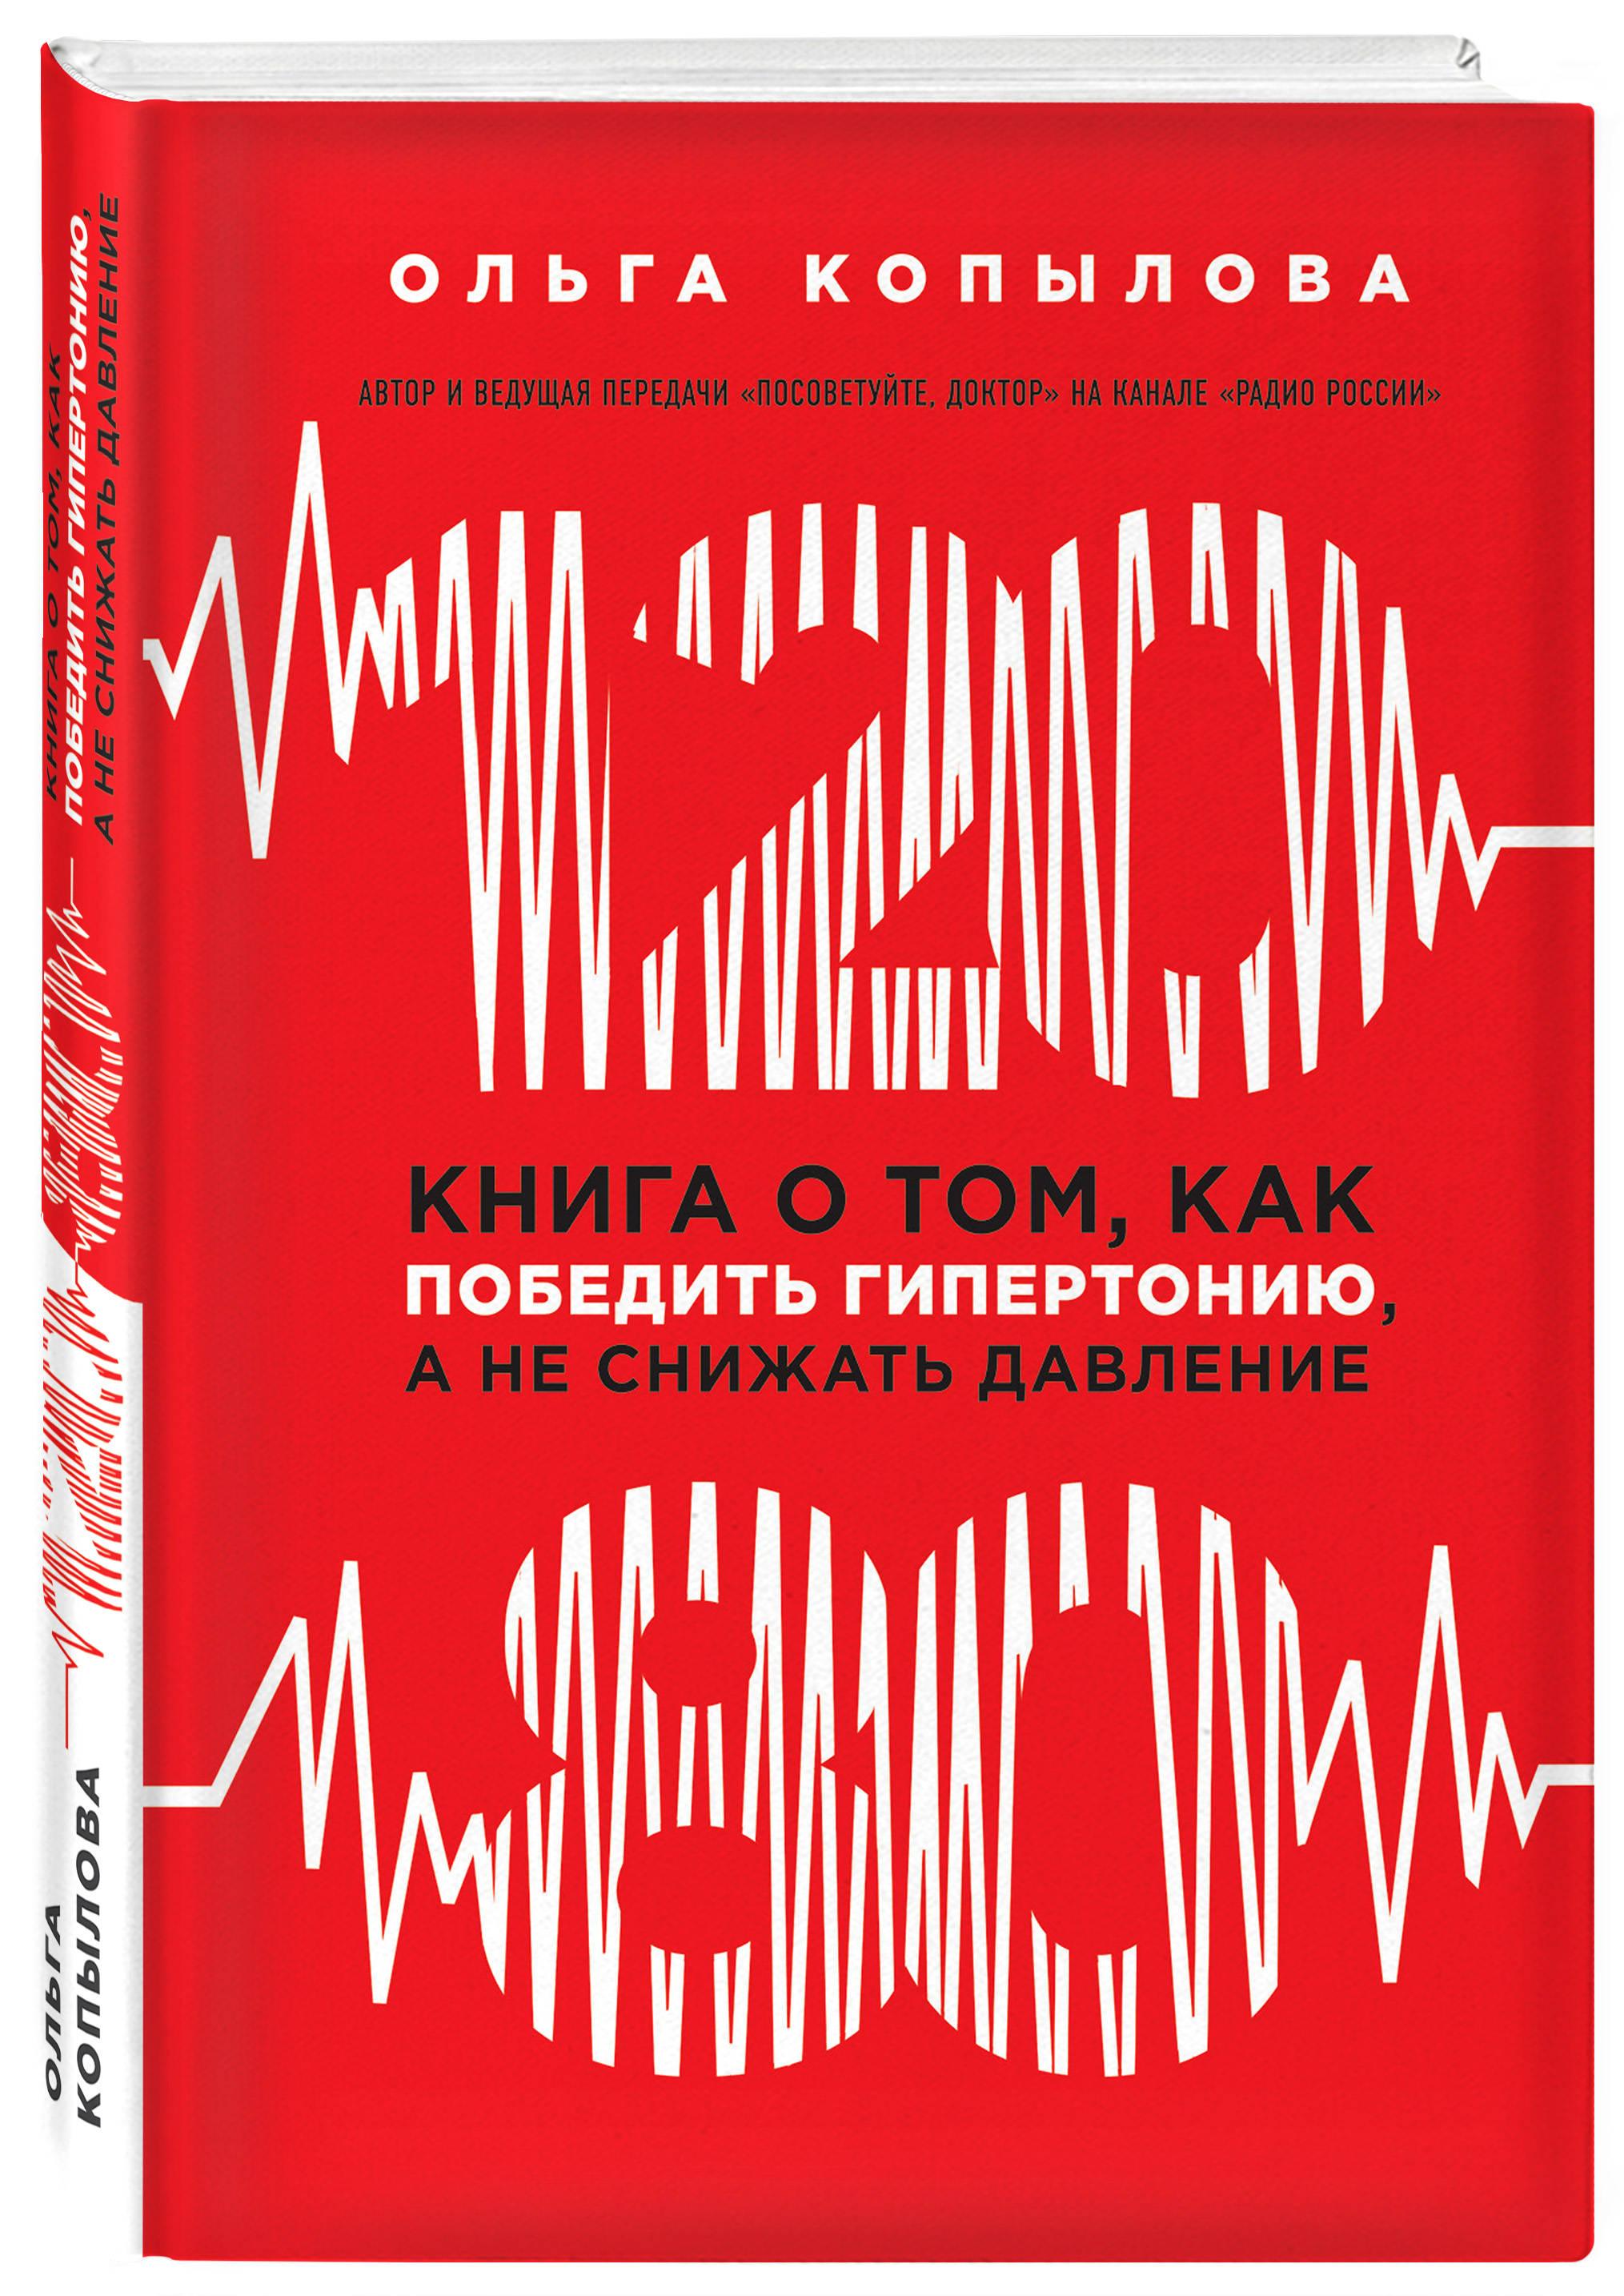 Ольга Копылова 120 на 80. Книга о том, как победить гипертонию, а не снижать давление (новое оформление)